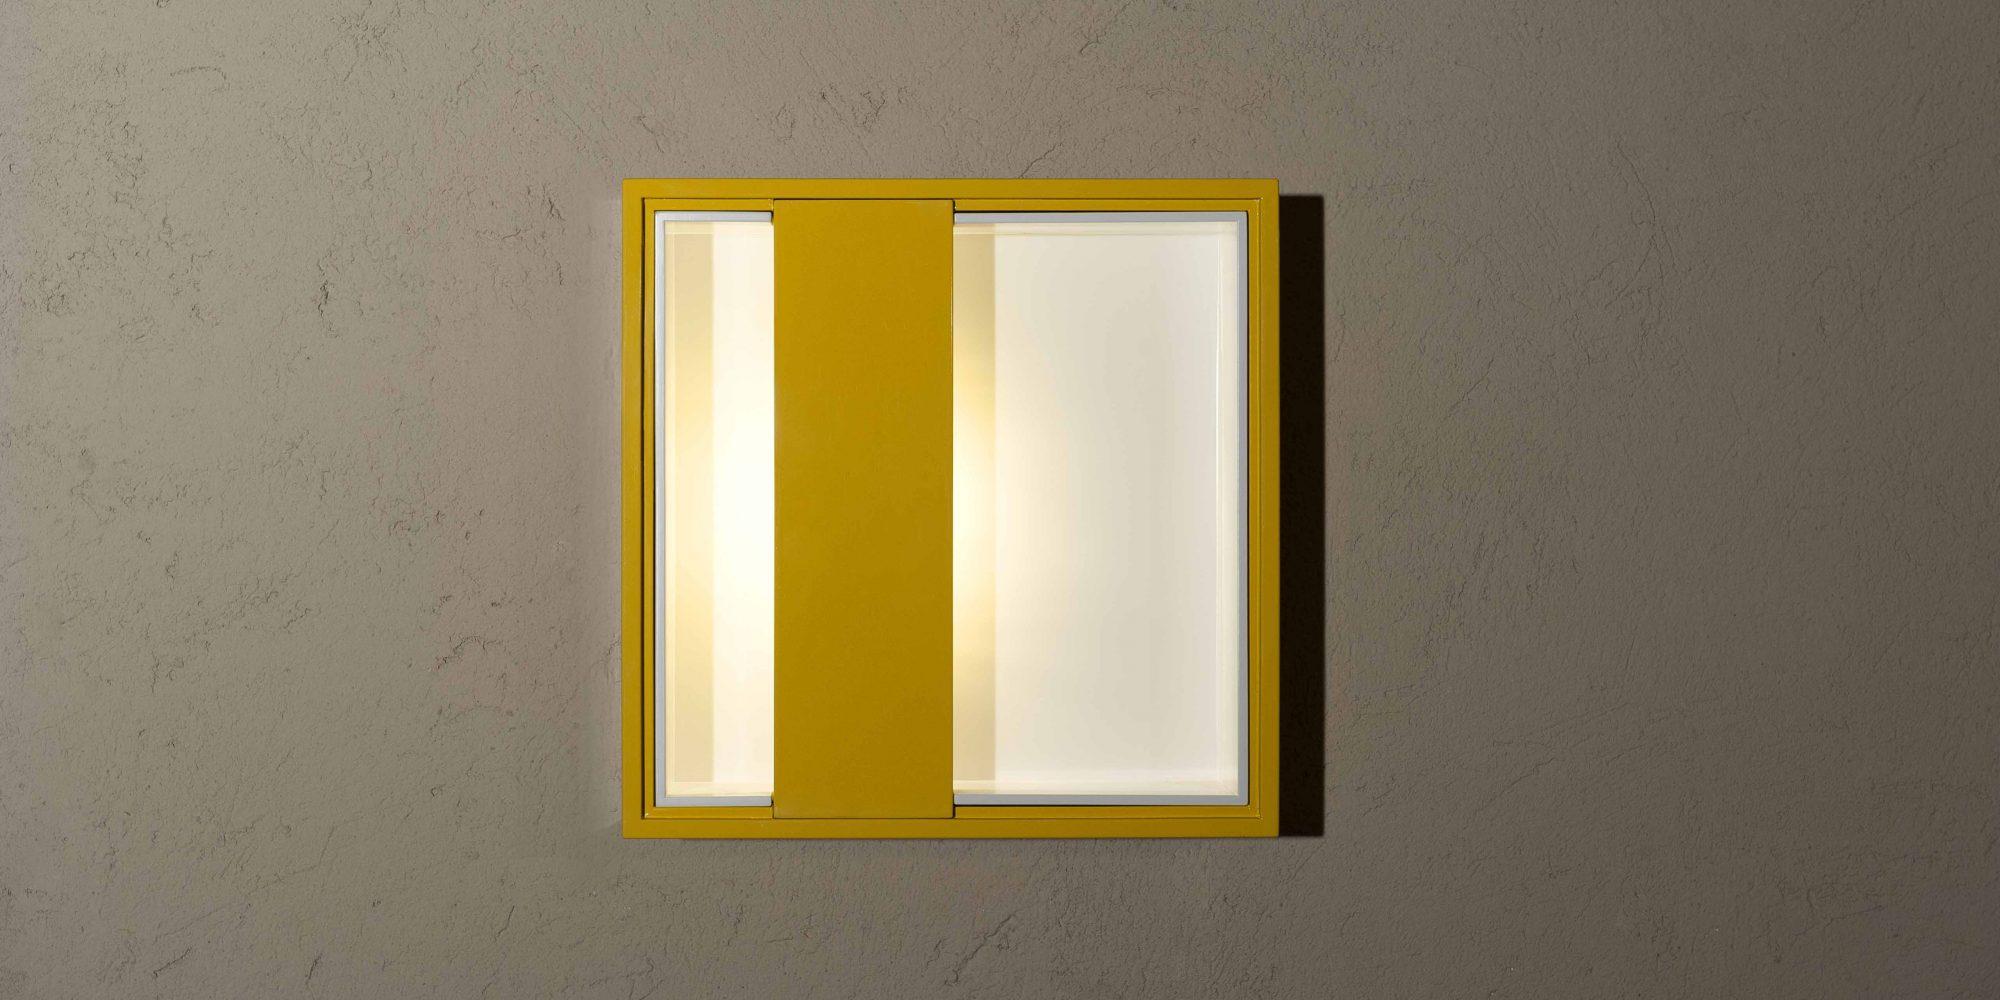 NoName - Quadri di Luce Limited Edition design Giuseppe e Lazzaro Raboni, Marco Zanuso jr prodotti da Pollice illuminazione